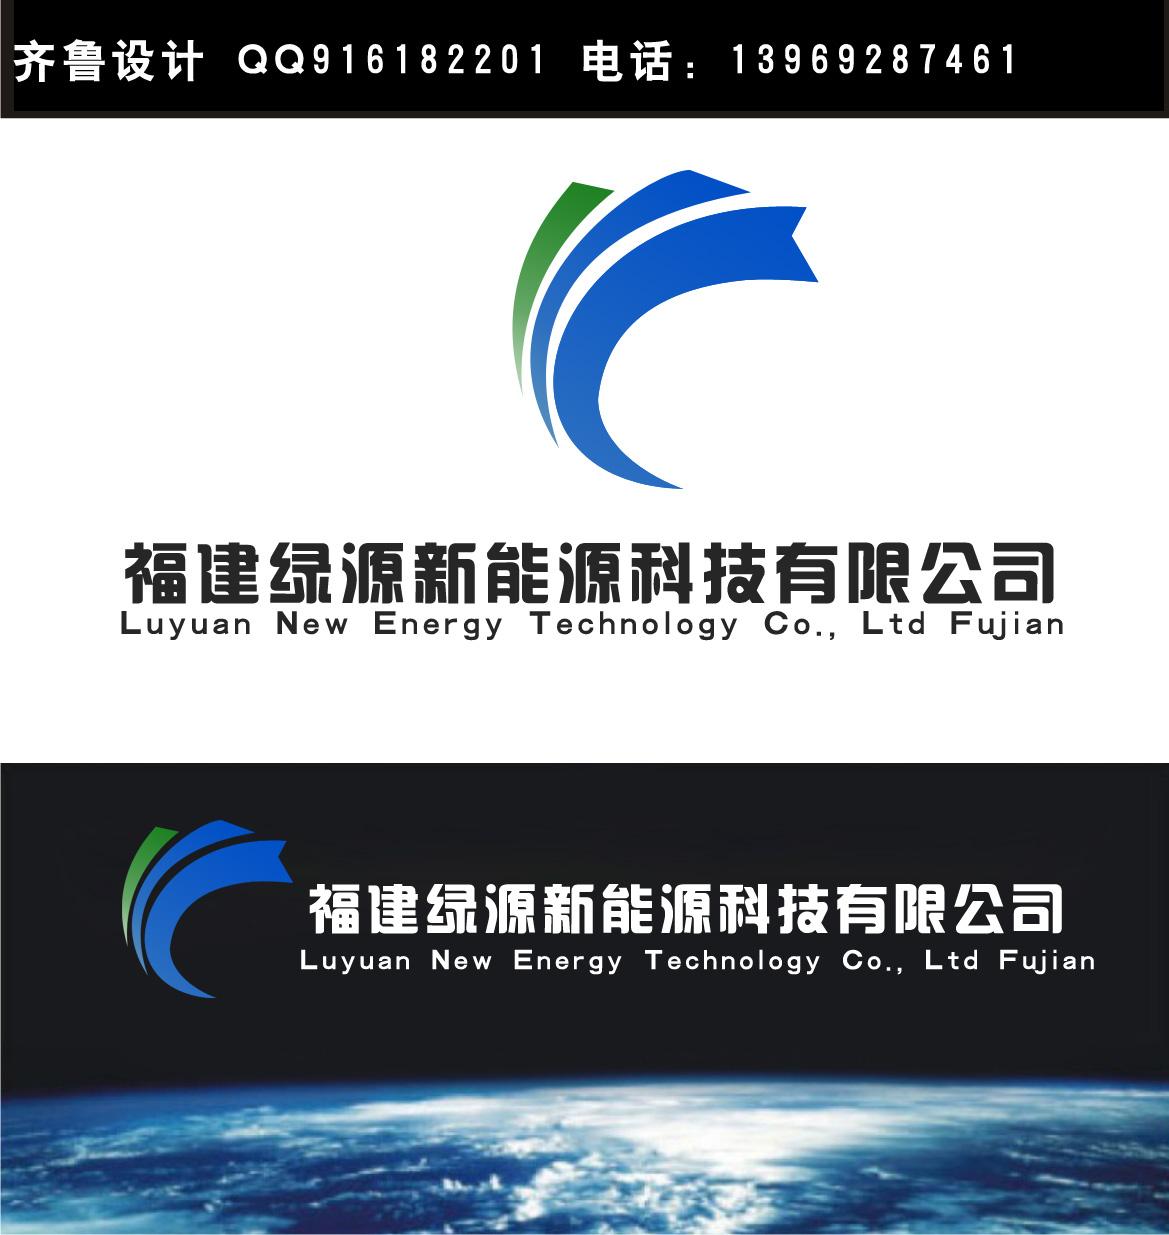 福建绿源新能源科技有限公司标志logo设计